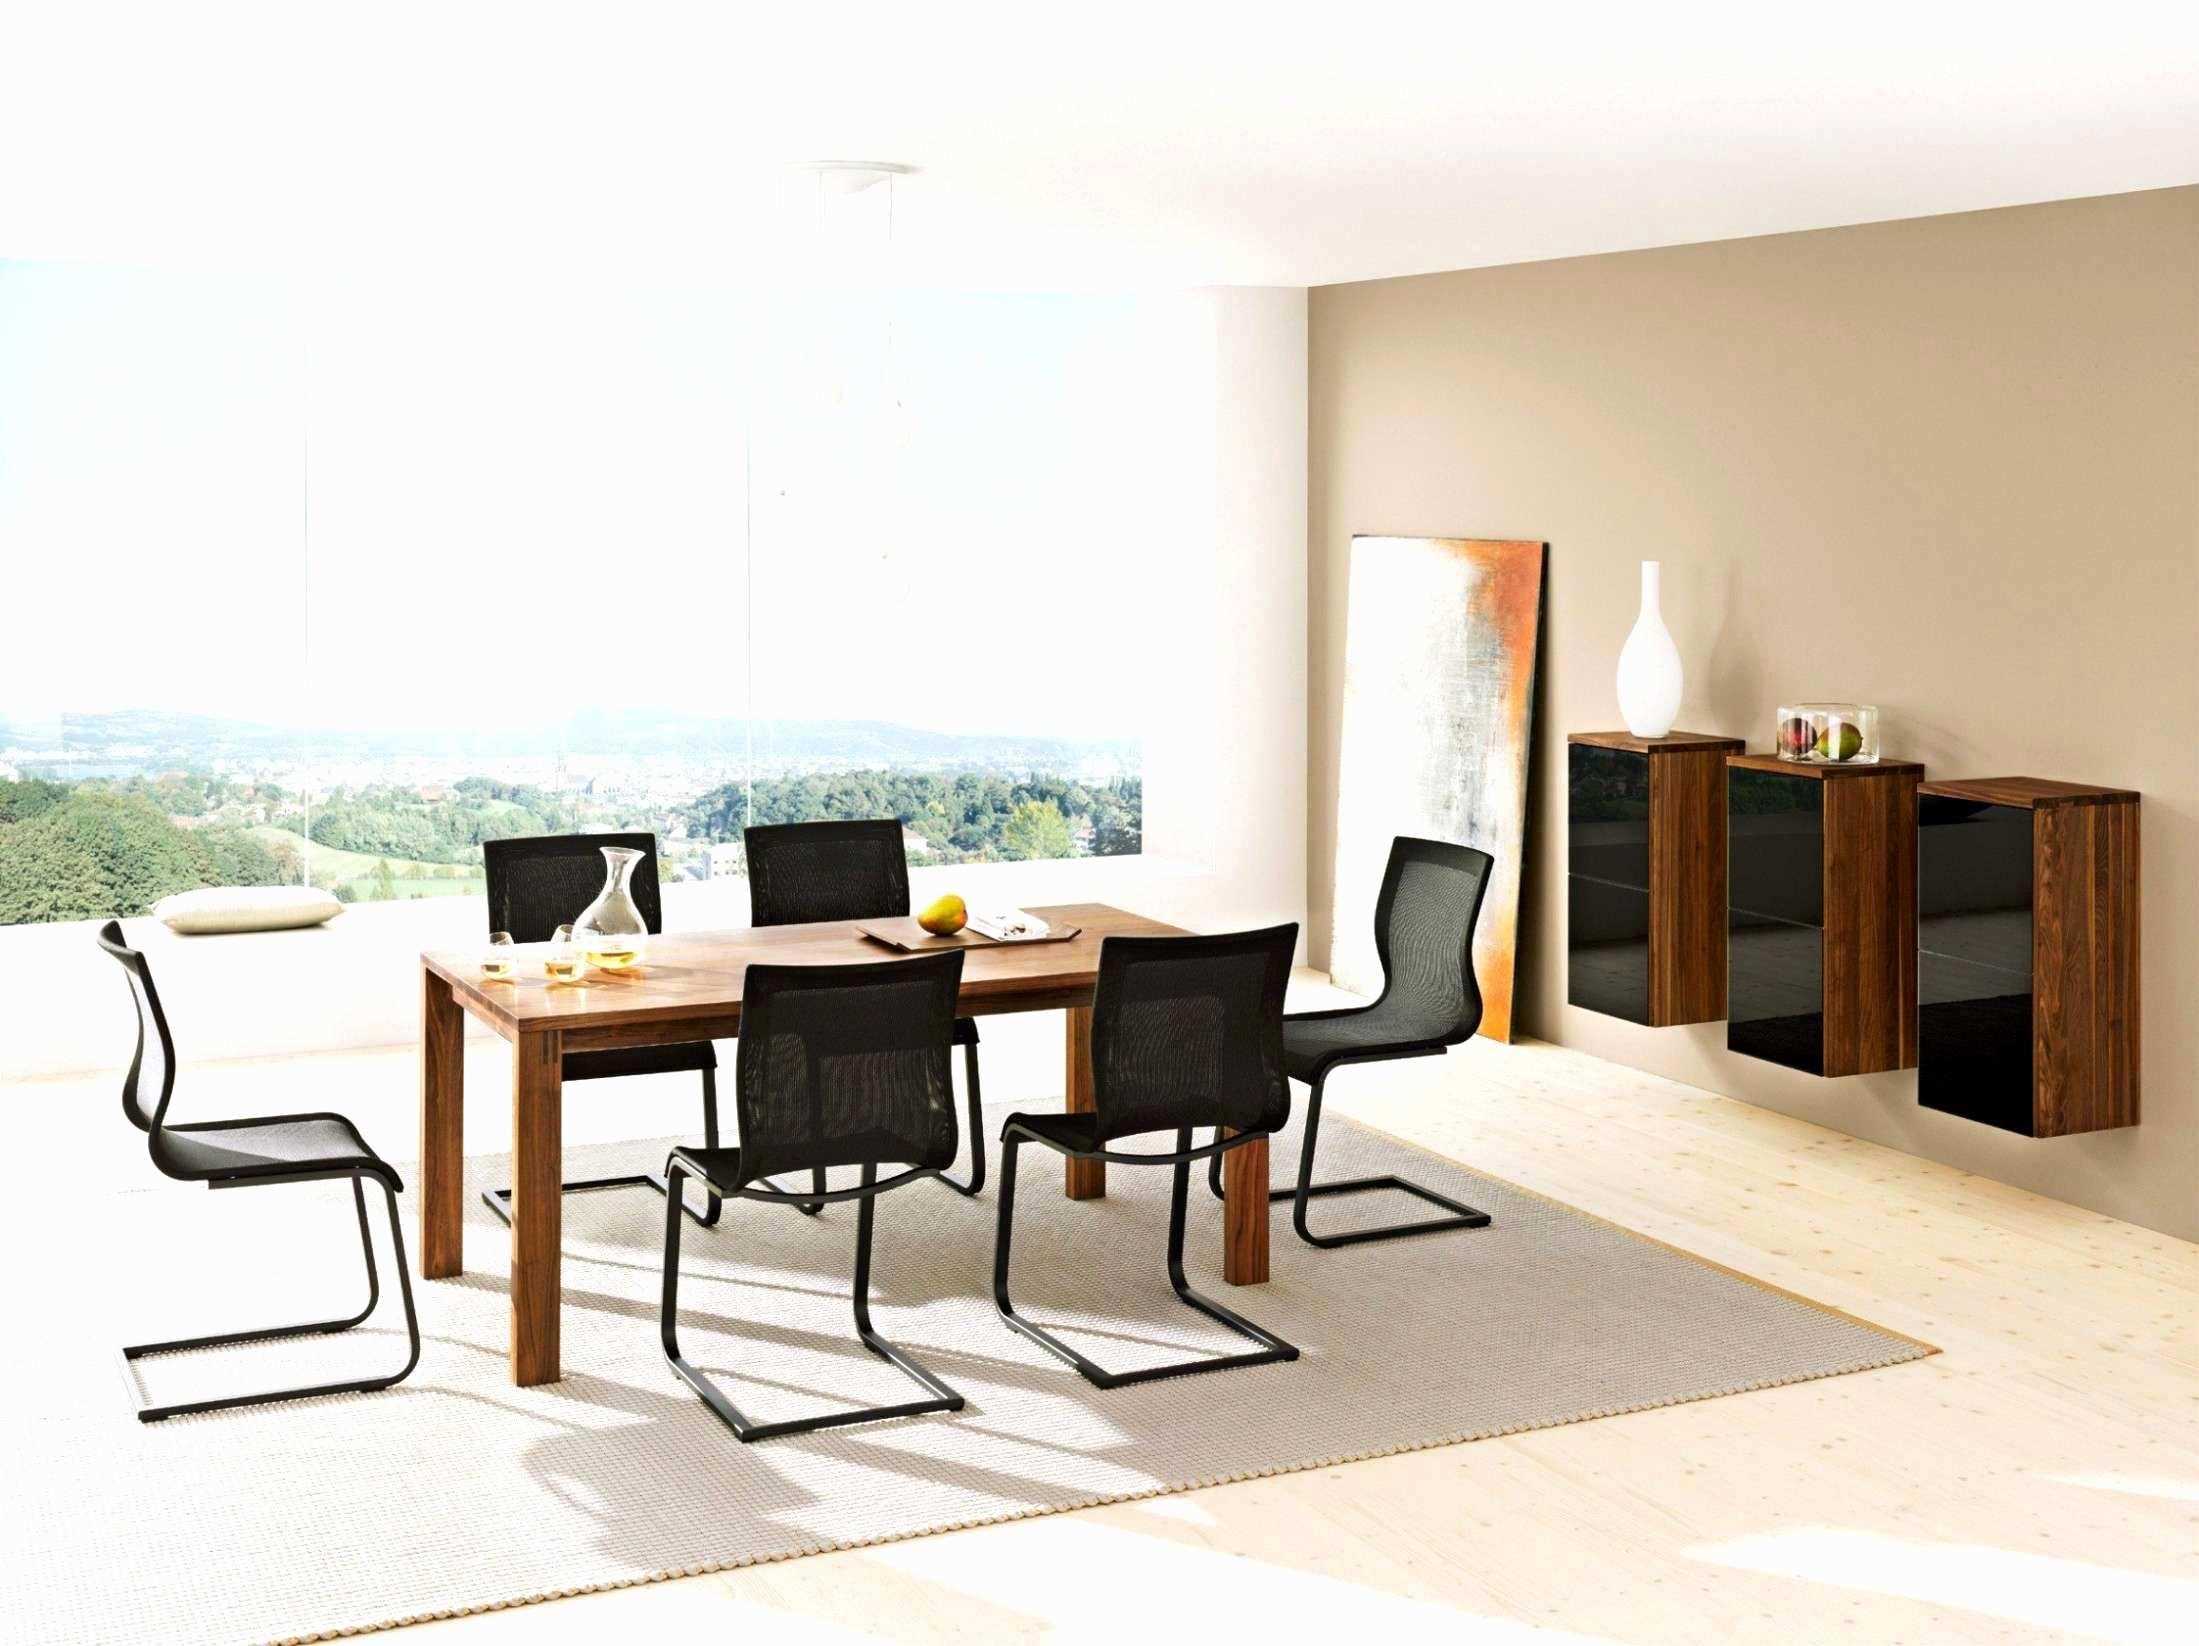 nachttischlampe wand 0d design ideen von led stehlampen wohnzimmer planen von holz deko wand wohnzimmer of holz deko wand wohnzimmer